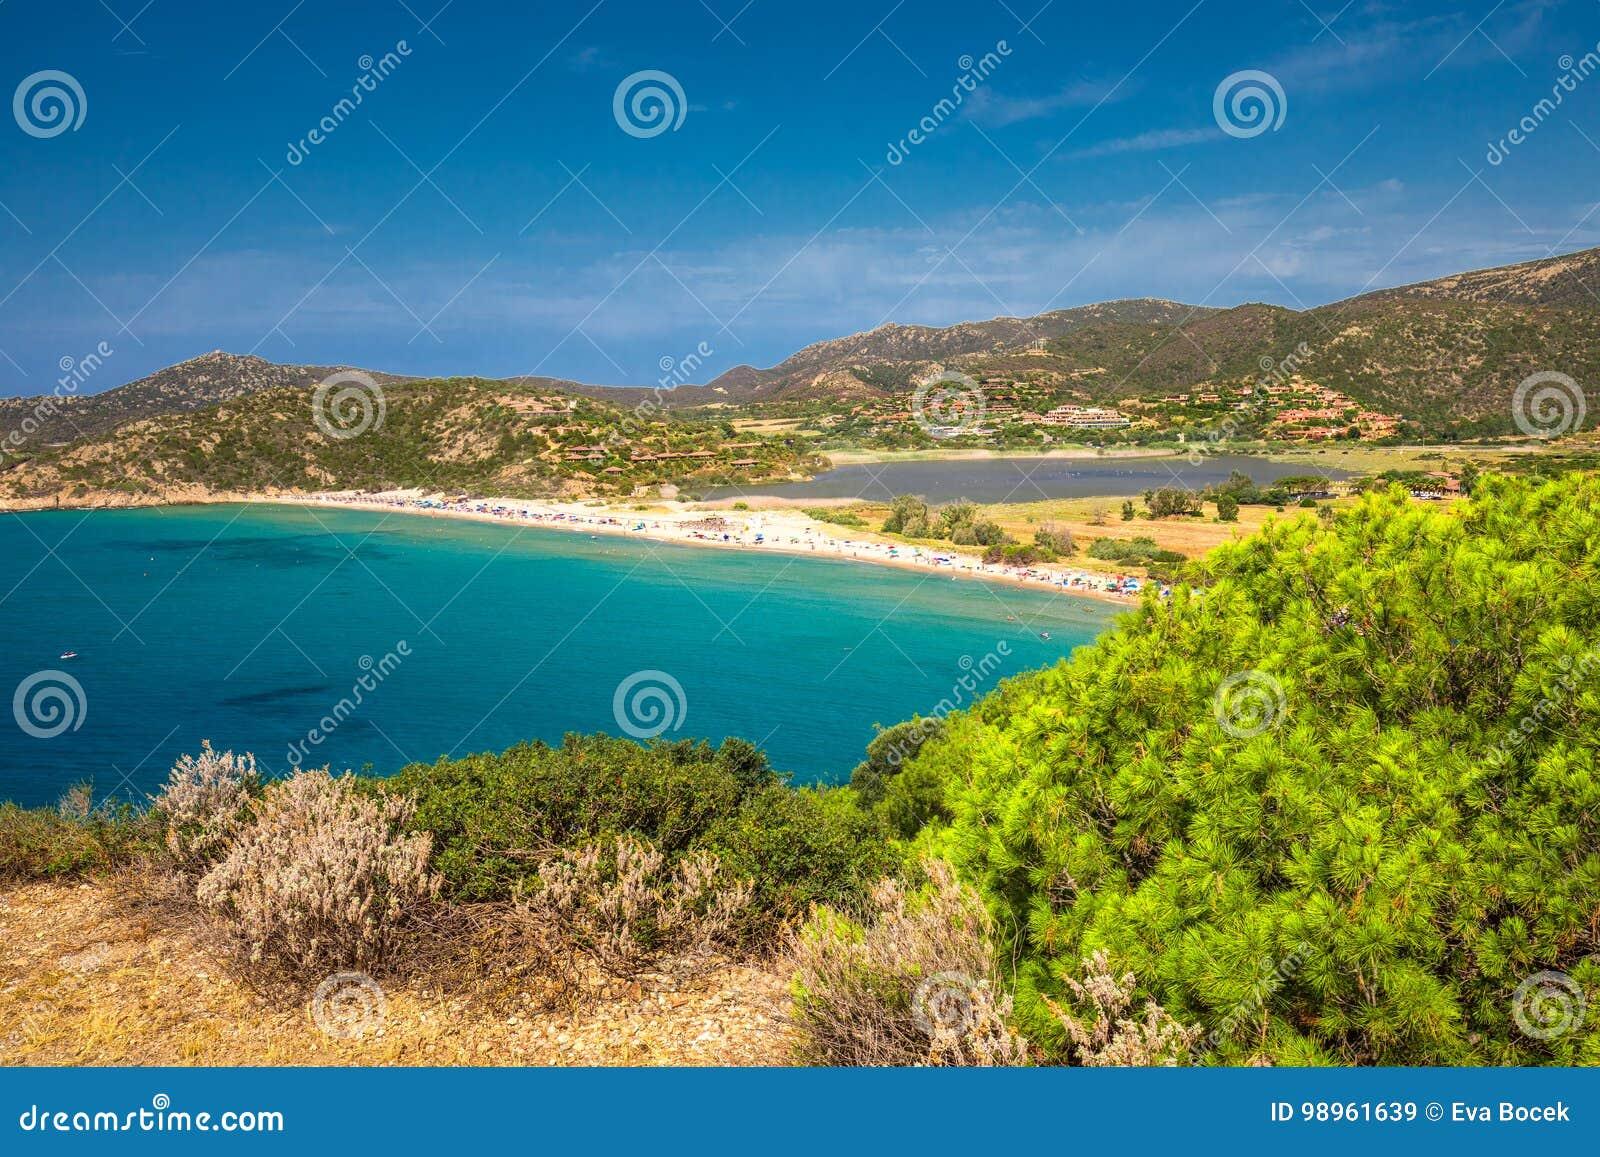 Sa Colonia Beach, Chia Resort, Sardinia, Italy Stock Image   Image ...